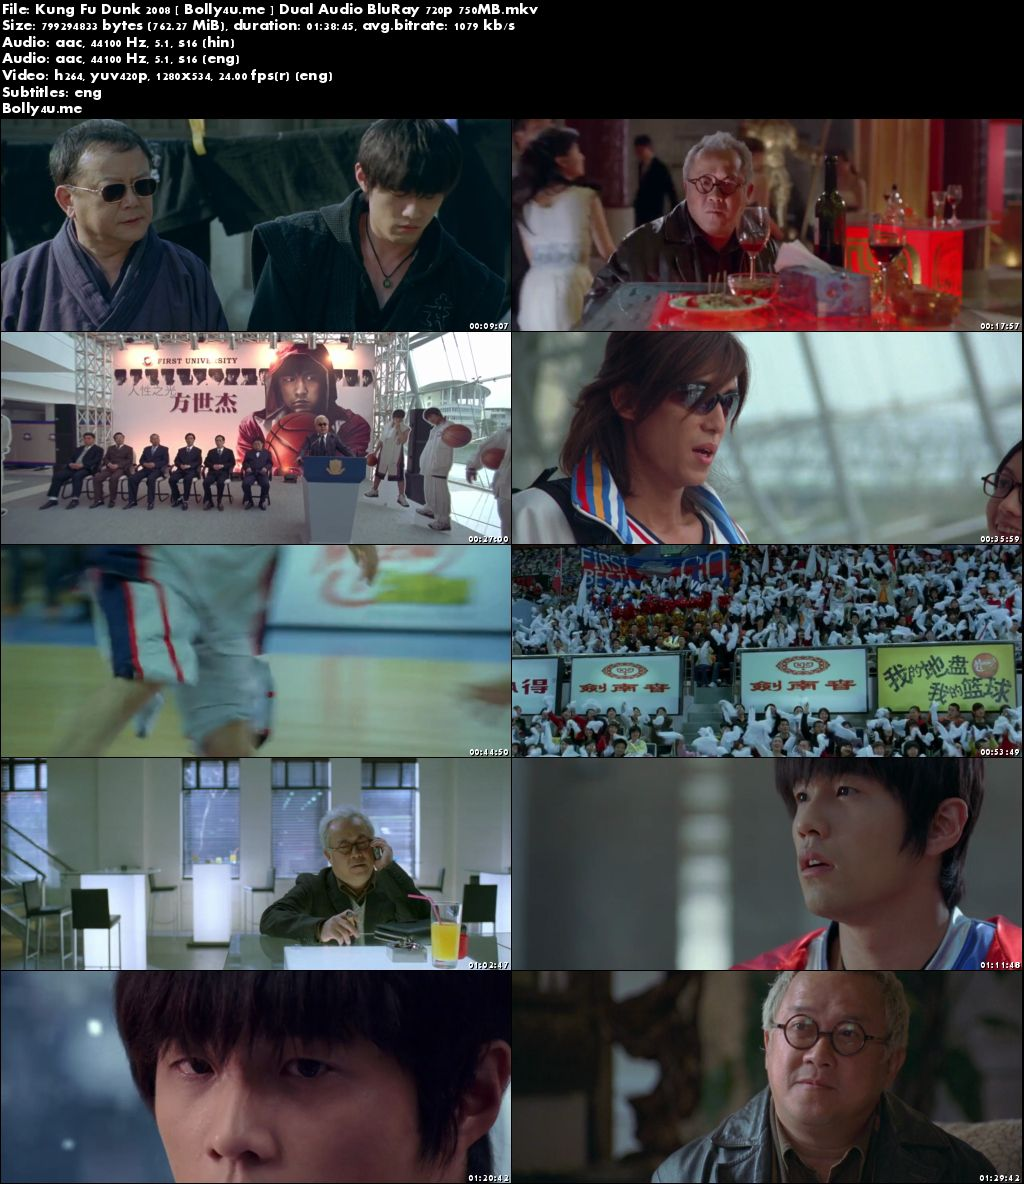 Kung Fu Dunk 2008 BluRay 750Mb Hindi Dual Audio 720p Download